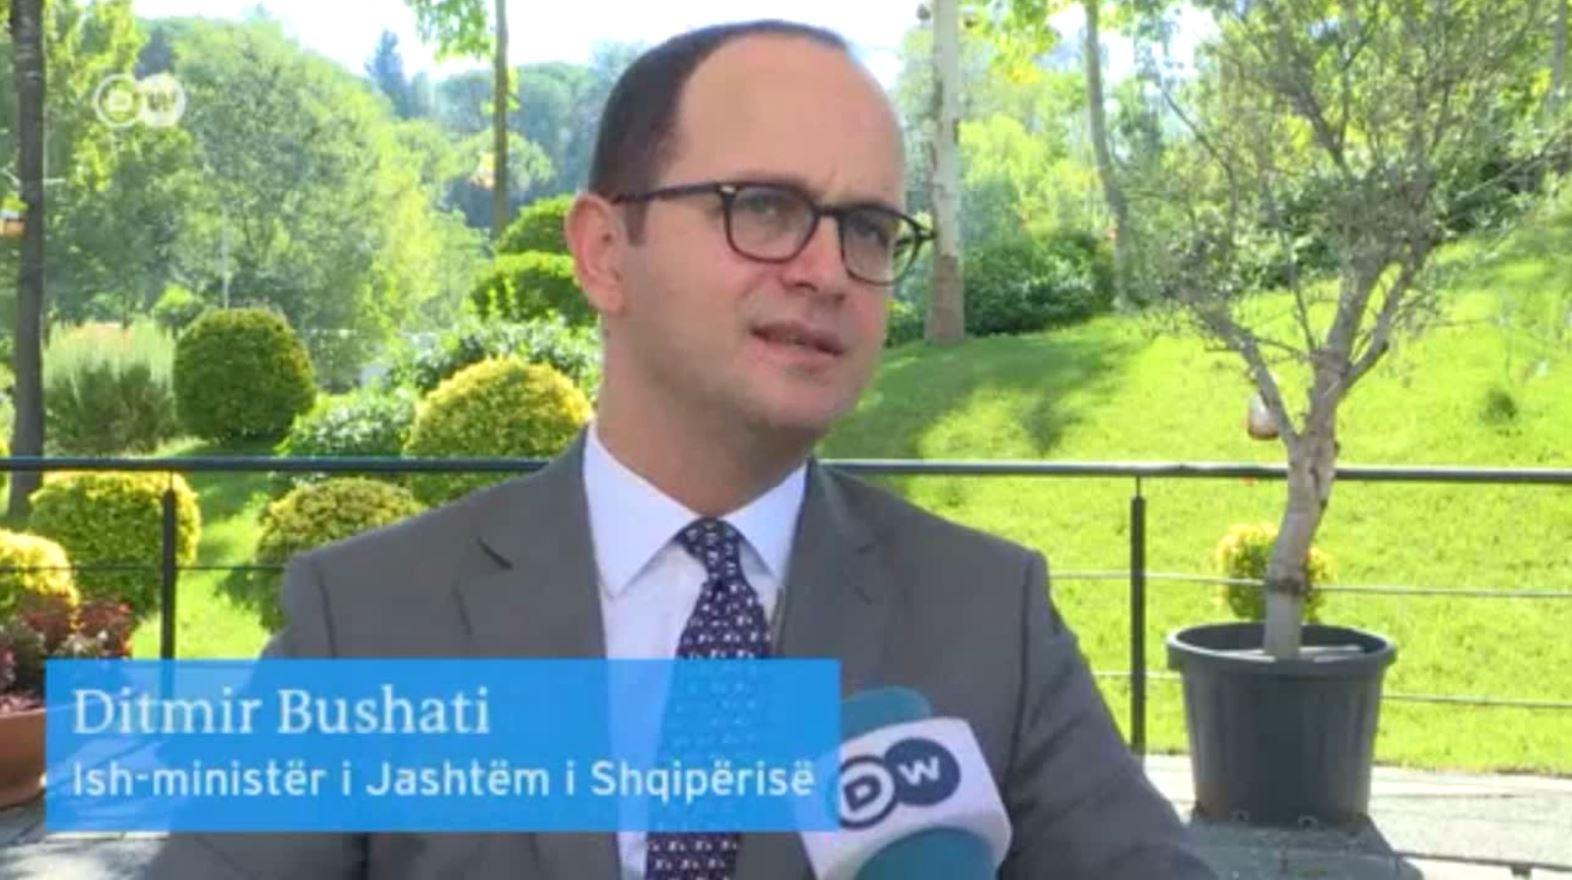 Kushtet e Bundestagut, Ditmir Bushati: Duhet pakt kombëtar për Evropën